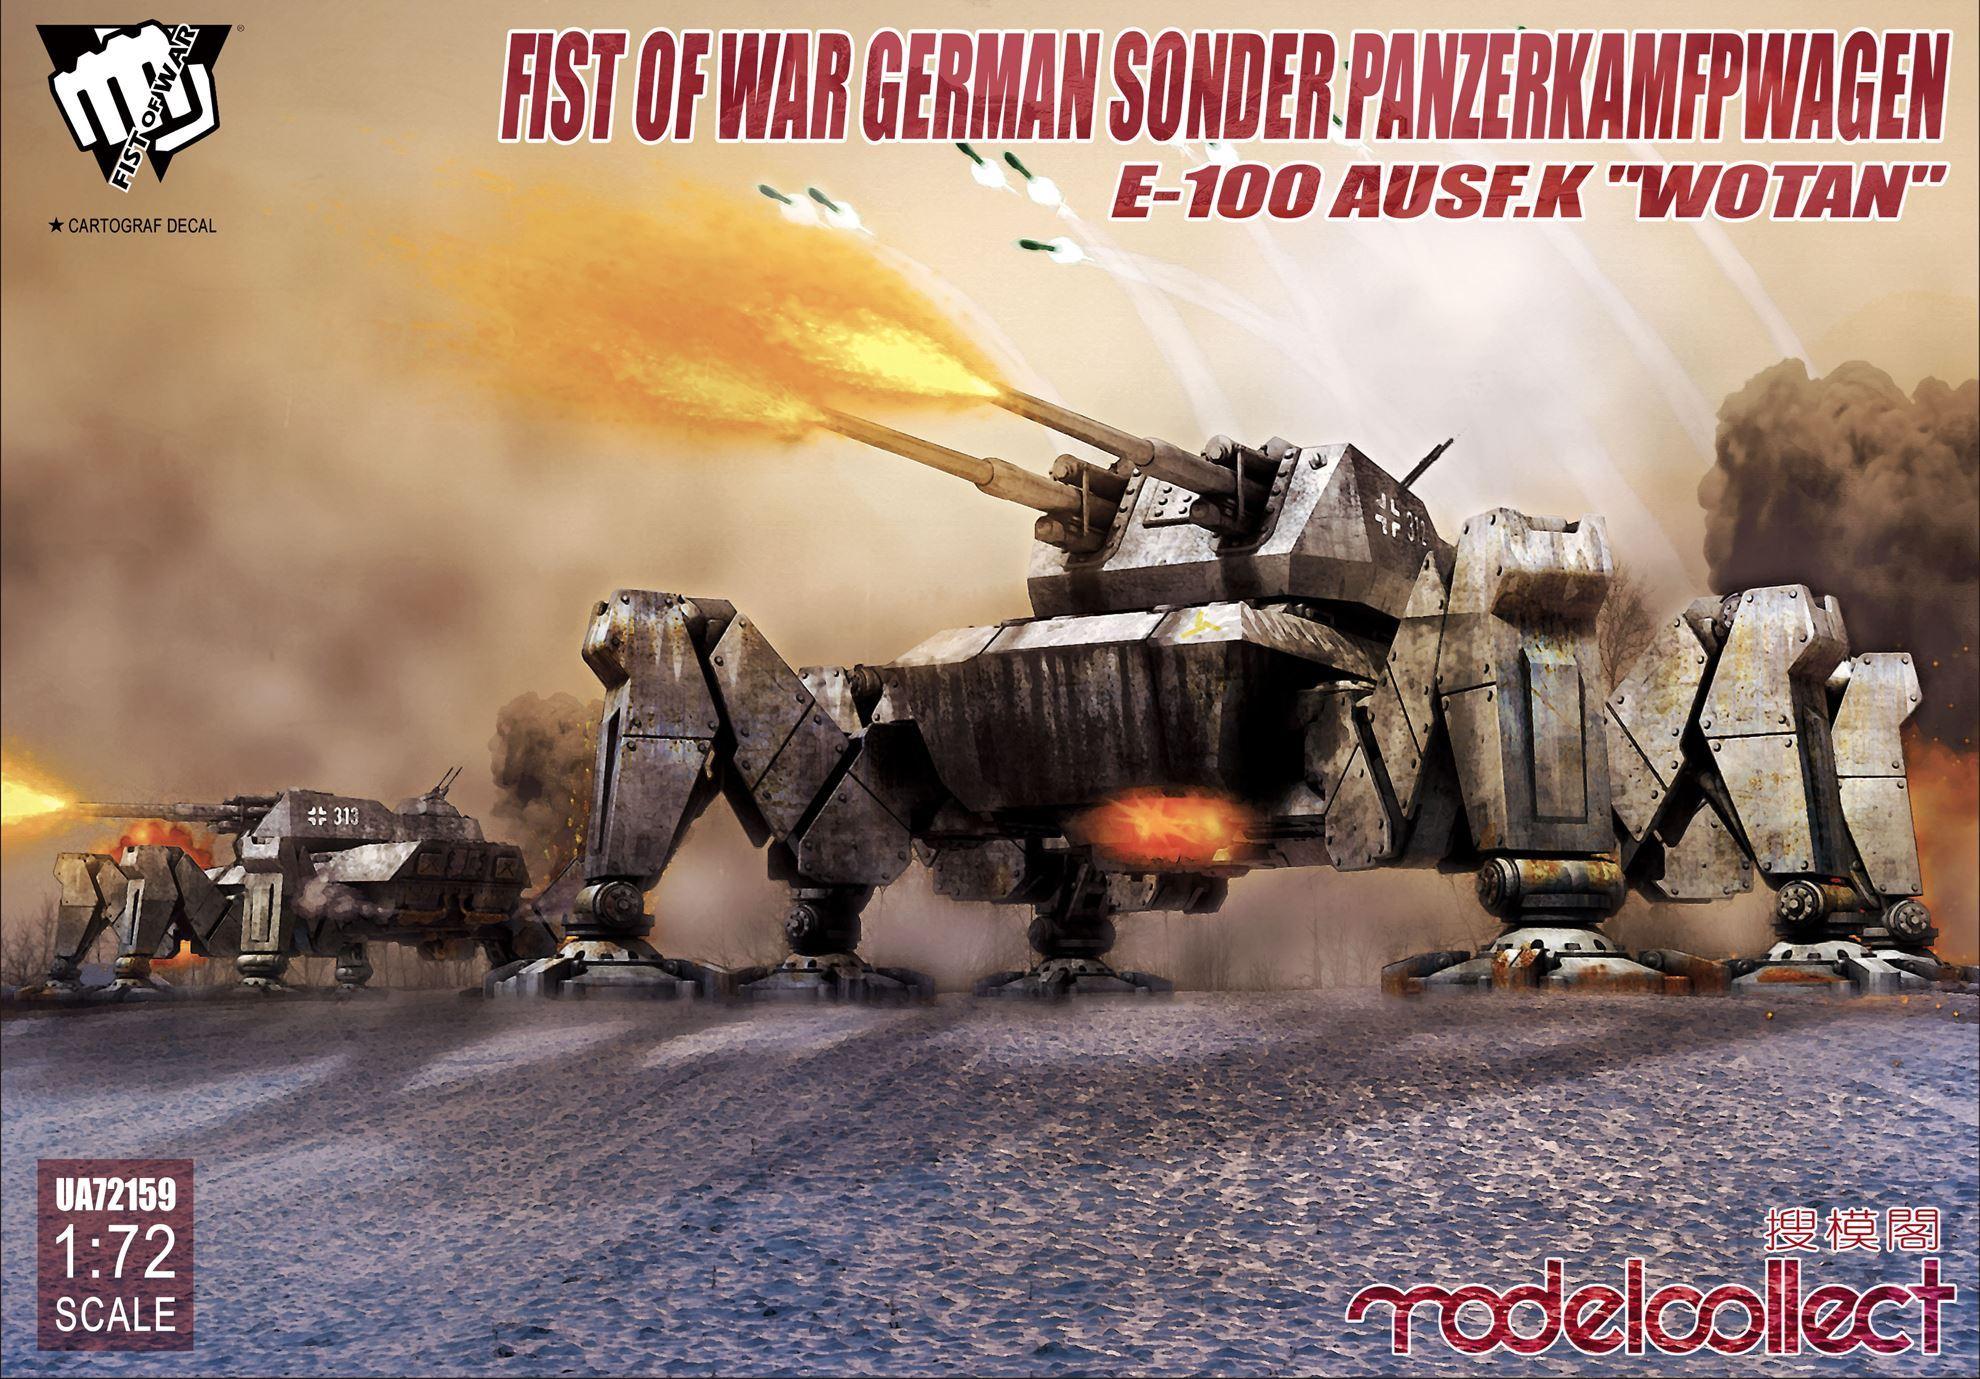 """ModelCollect Fist of War German Sonder PanzerKamfpWagen E-100 ausf.k """"Wotan"""""""